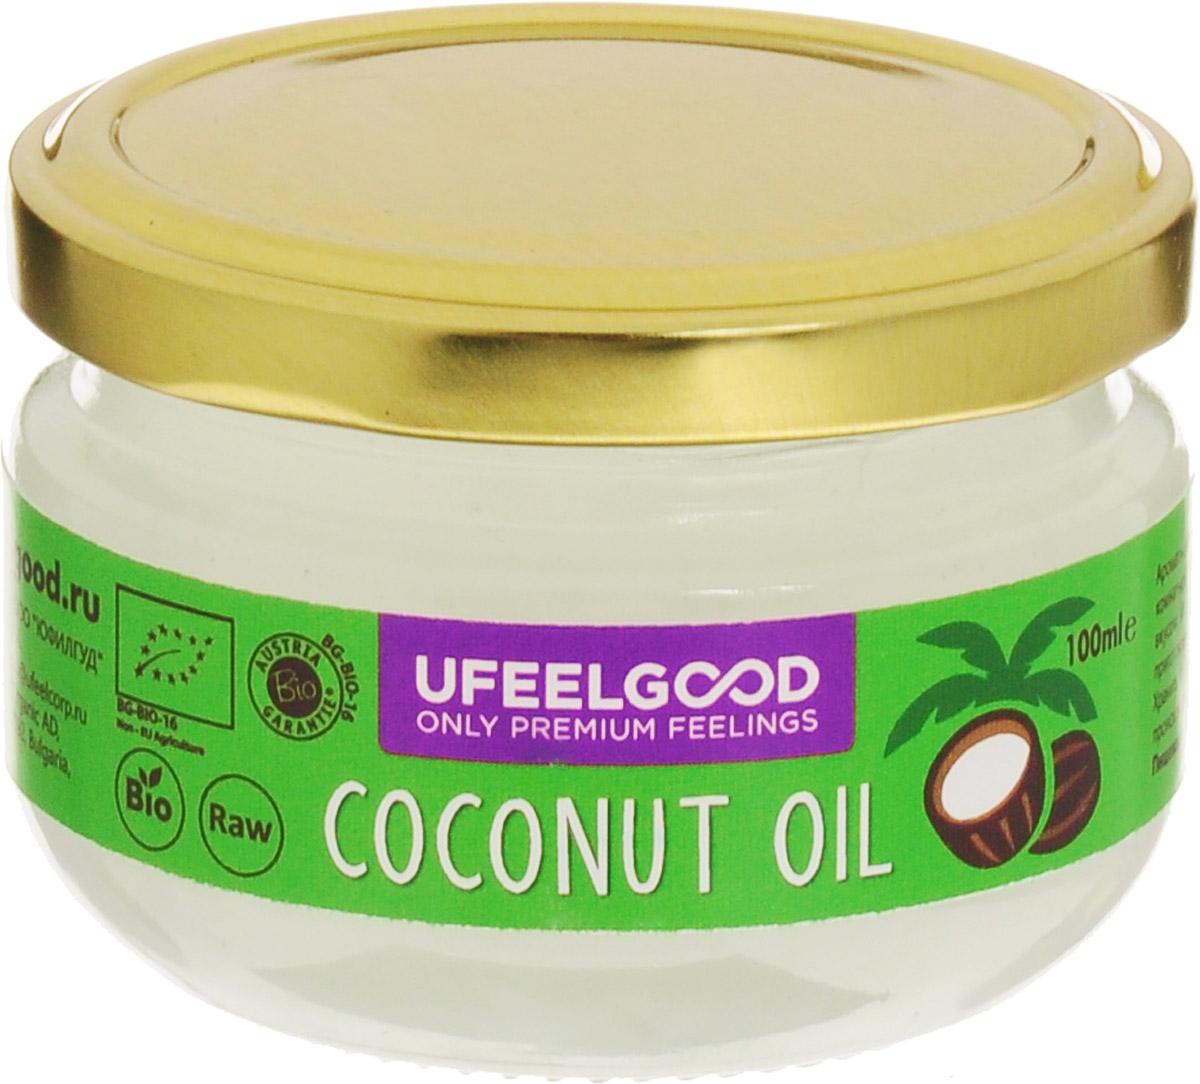 UFEELGOOD Coconut Oil кокосовое масло органическое, 100 мл4680016091399Кокосовое масло идеально подходит для приготовления пищи, так как его молекулы достаточно стабильны, чтобы выдерживать нагрев, не окисляясь. Также масло можно использовать для наружного применения: массаж с ароматерапией, различные маски насыщают, увлажняют и охлаждают кожу, оказывая противовоспалительное действие. Применение кокосового масла уменьшает симптомы кожных заболеваний, поддерживает естественный биохимический баланс кожи, помогает устранить сухость и шелушение, препятствует образованию морщин, дряблости кожи и пигментных пятен.